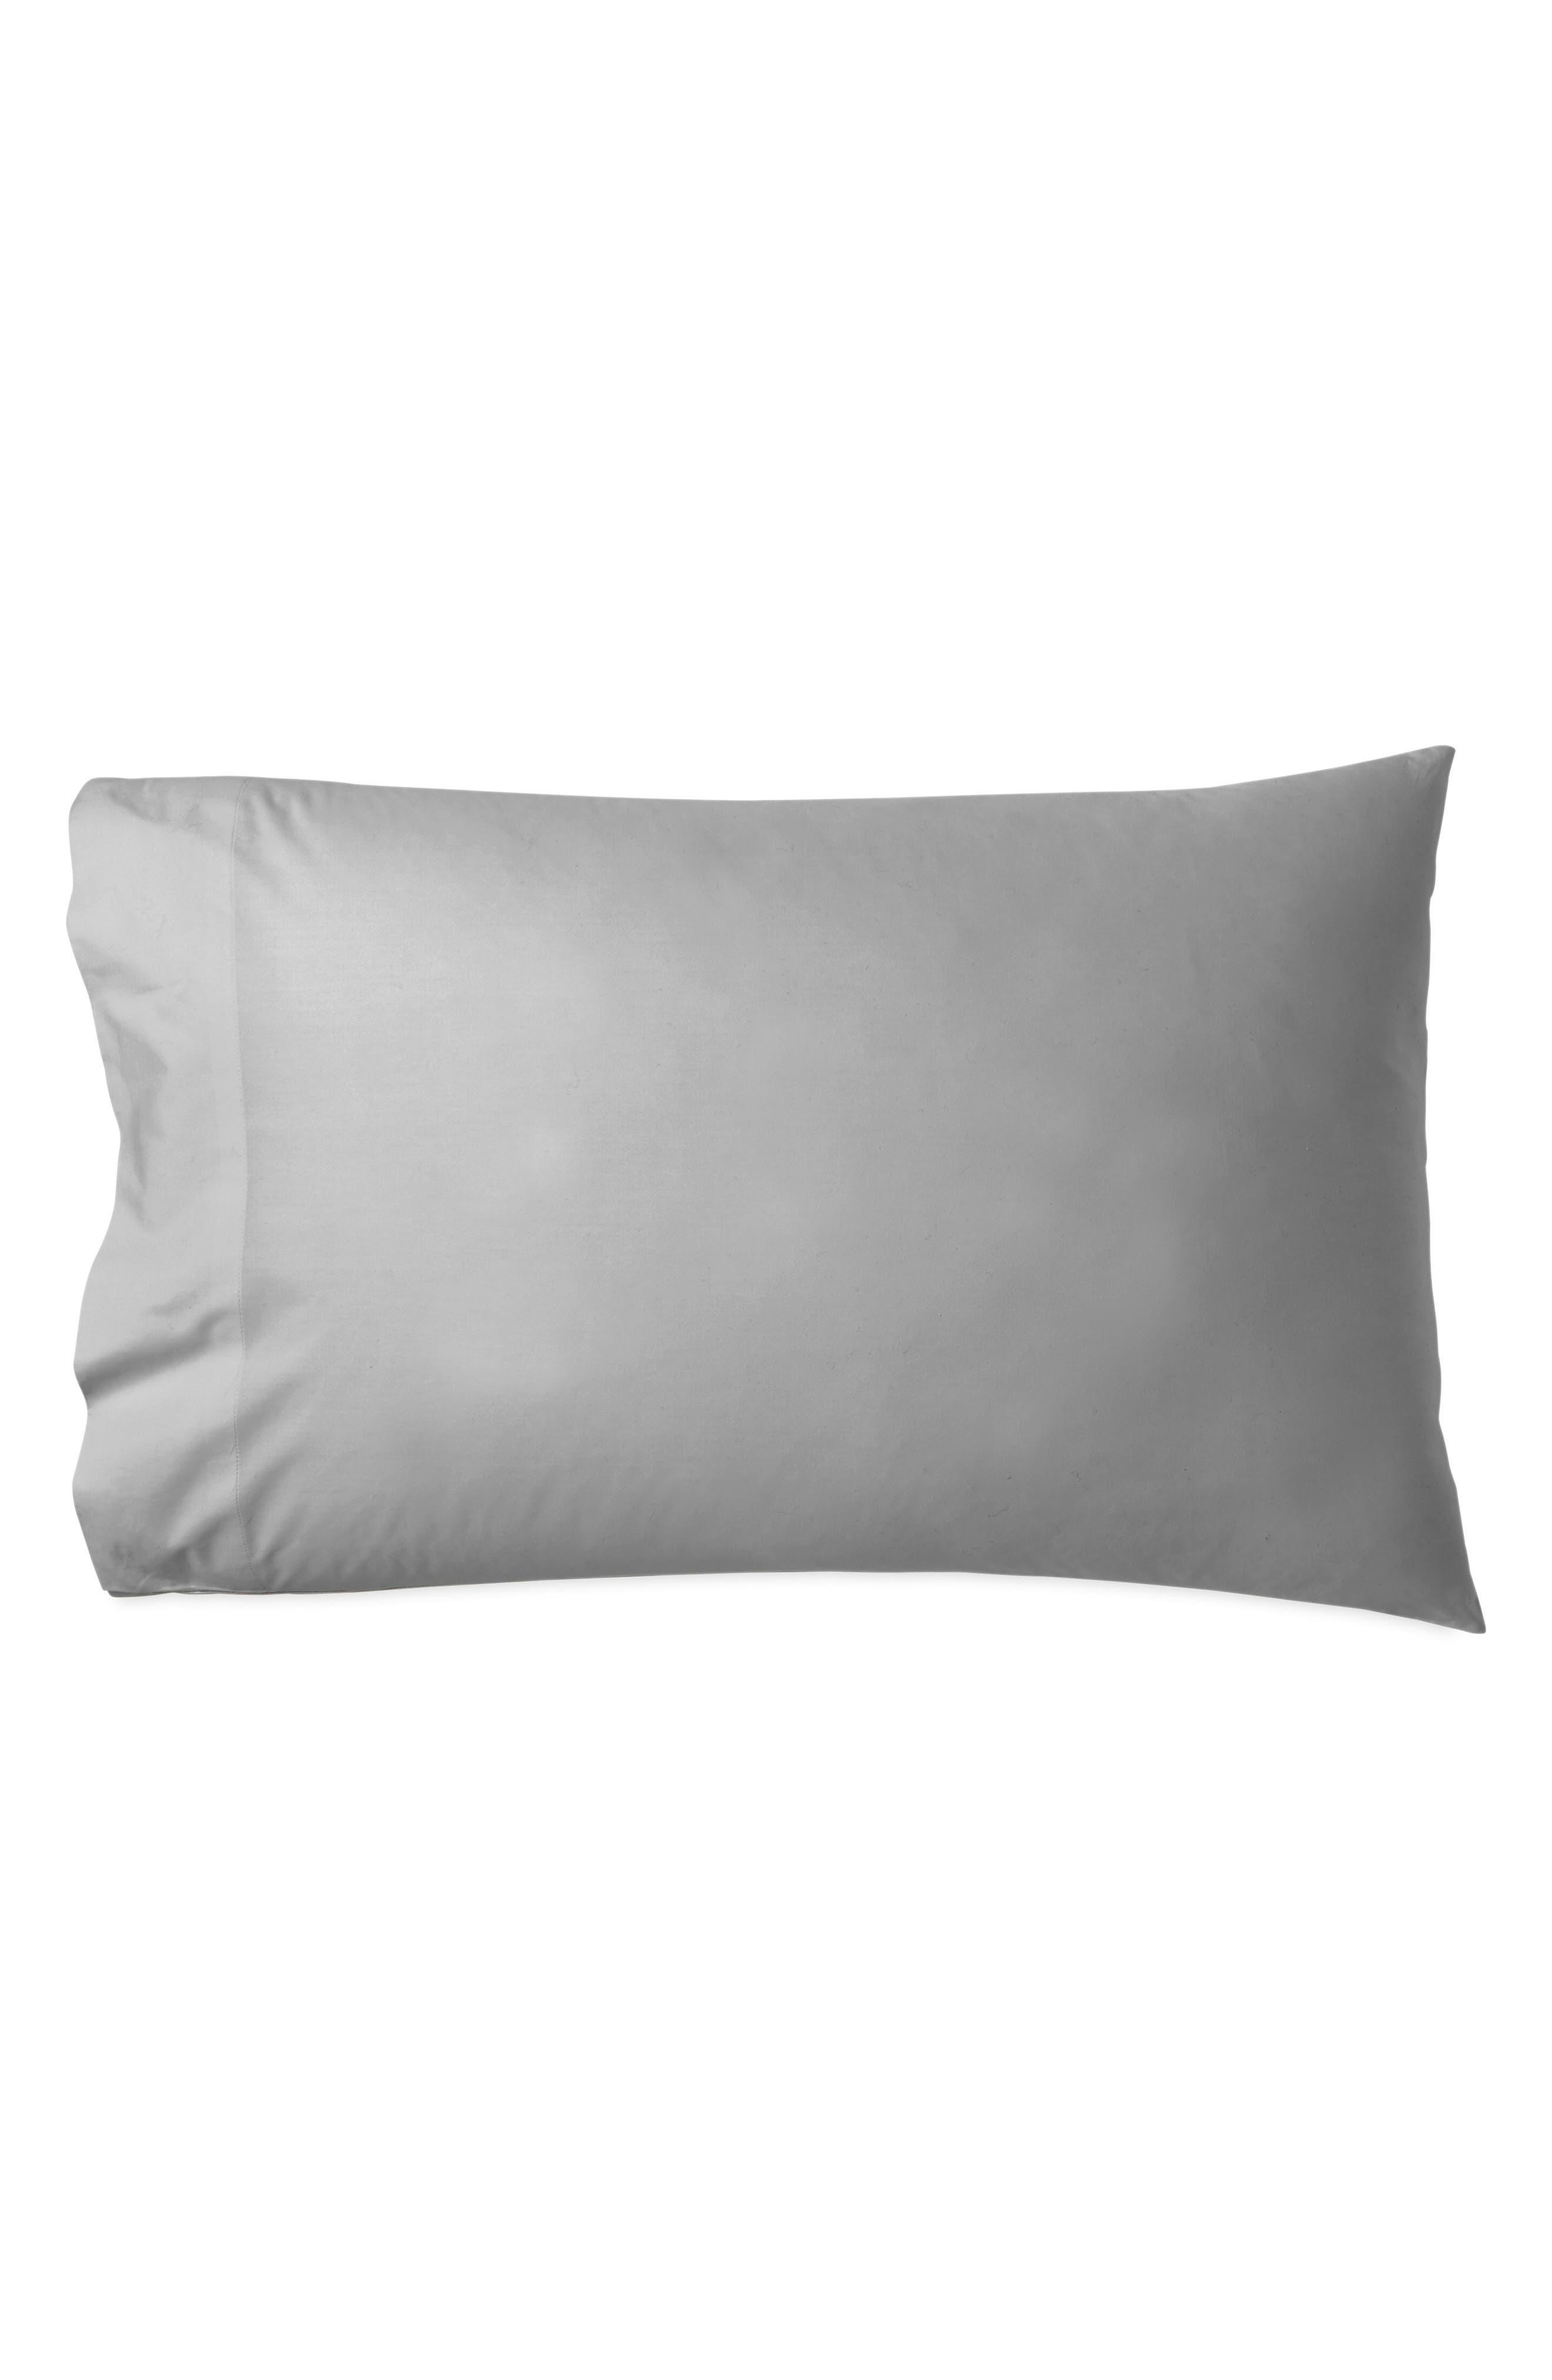 DONNA KARAN NEW YORK Ultrafine 600 Thread Count Pillowcases, Main, color, 020